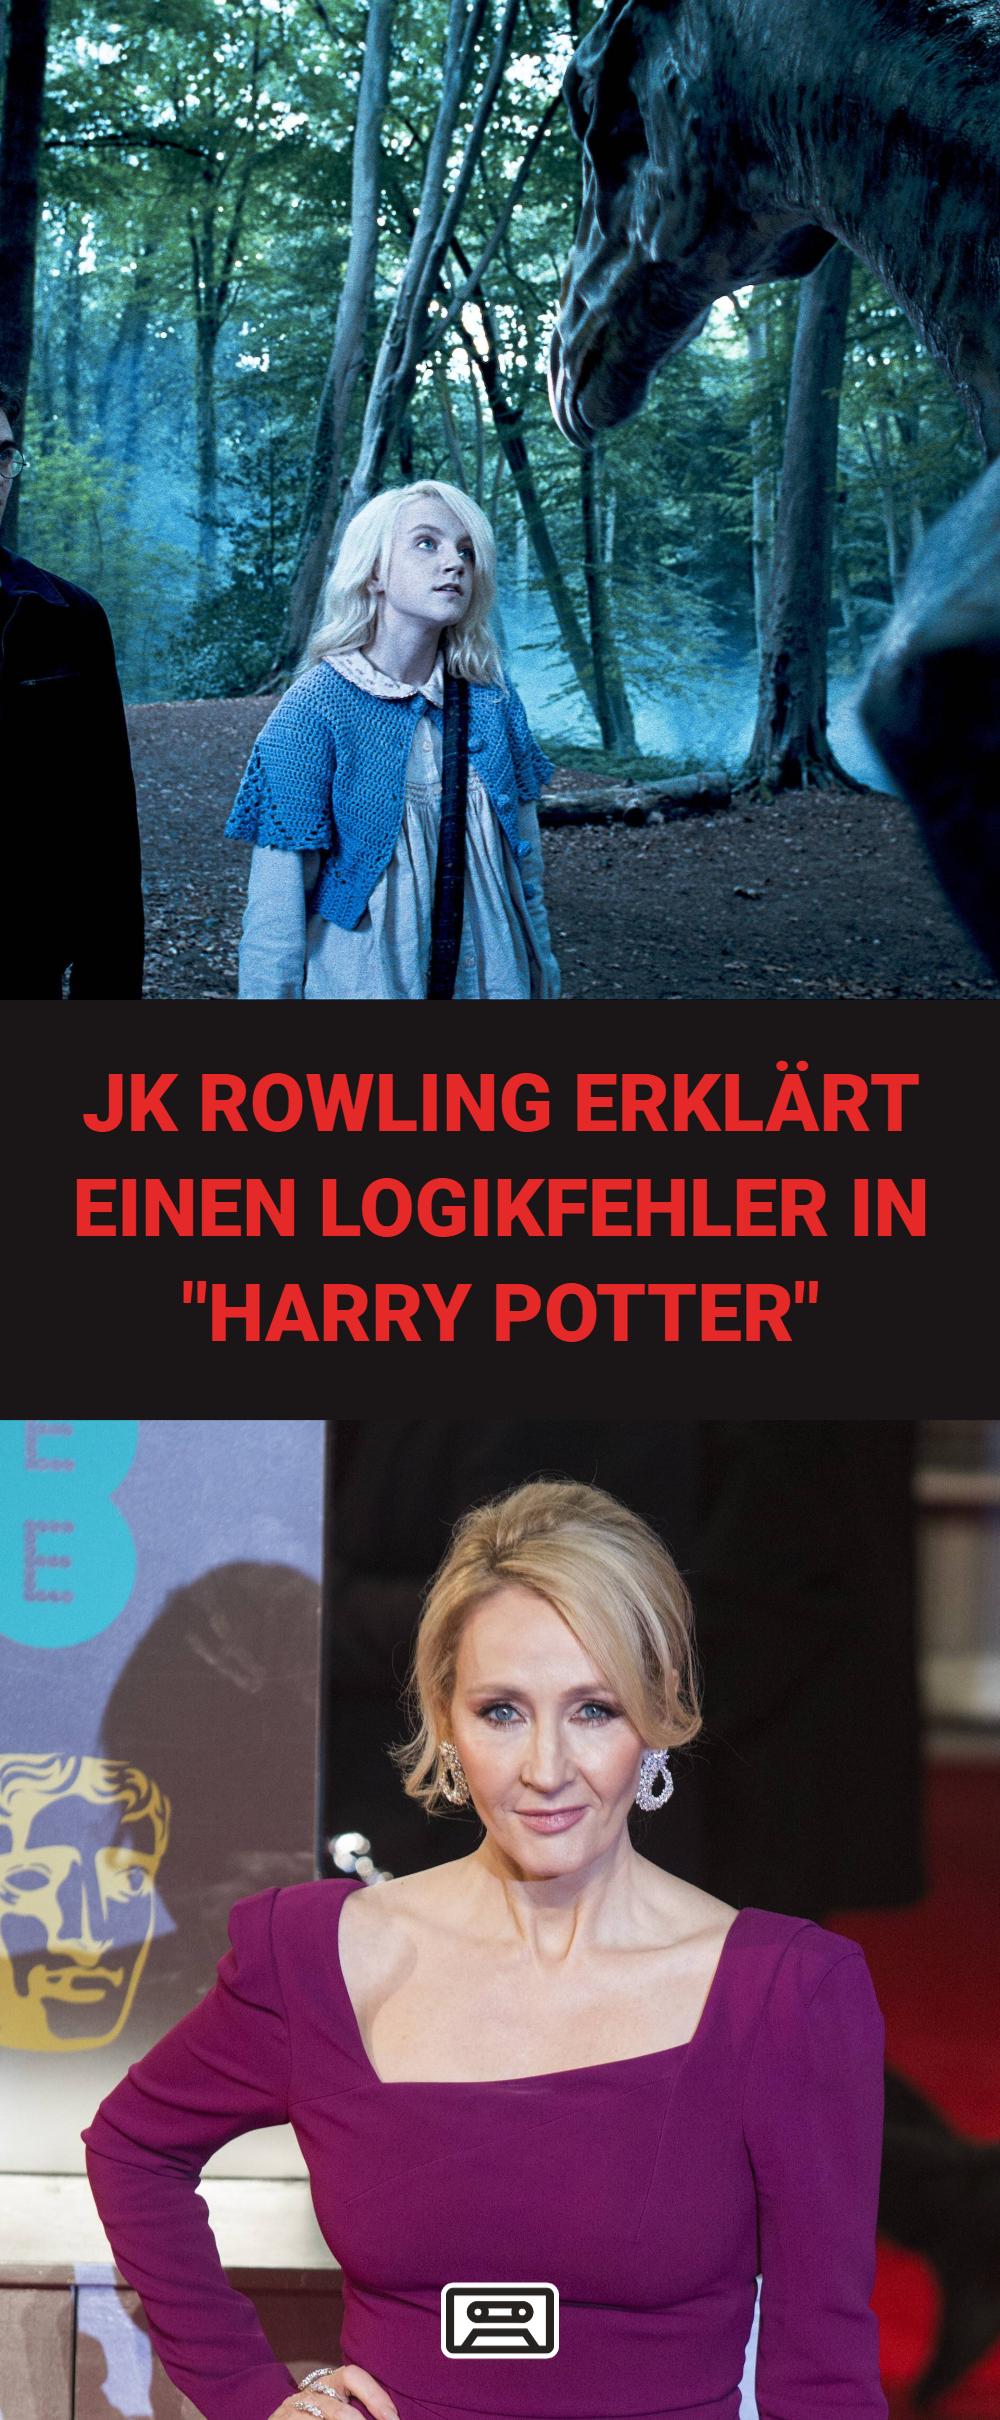 Ob In Den Buchern Oder In Den Filmen Die Details Bei Harry Potter Sorgten Fur Verwirrung Nun Klart Autorin Jk Rowling Darsteller Lord Voldemort Filmfehler